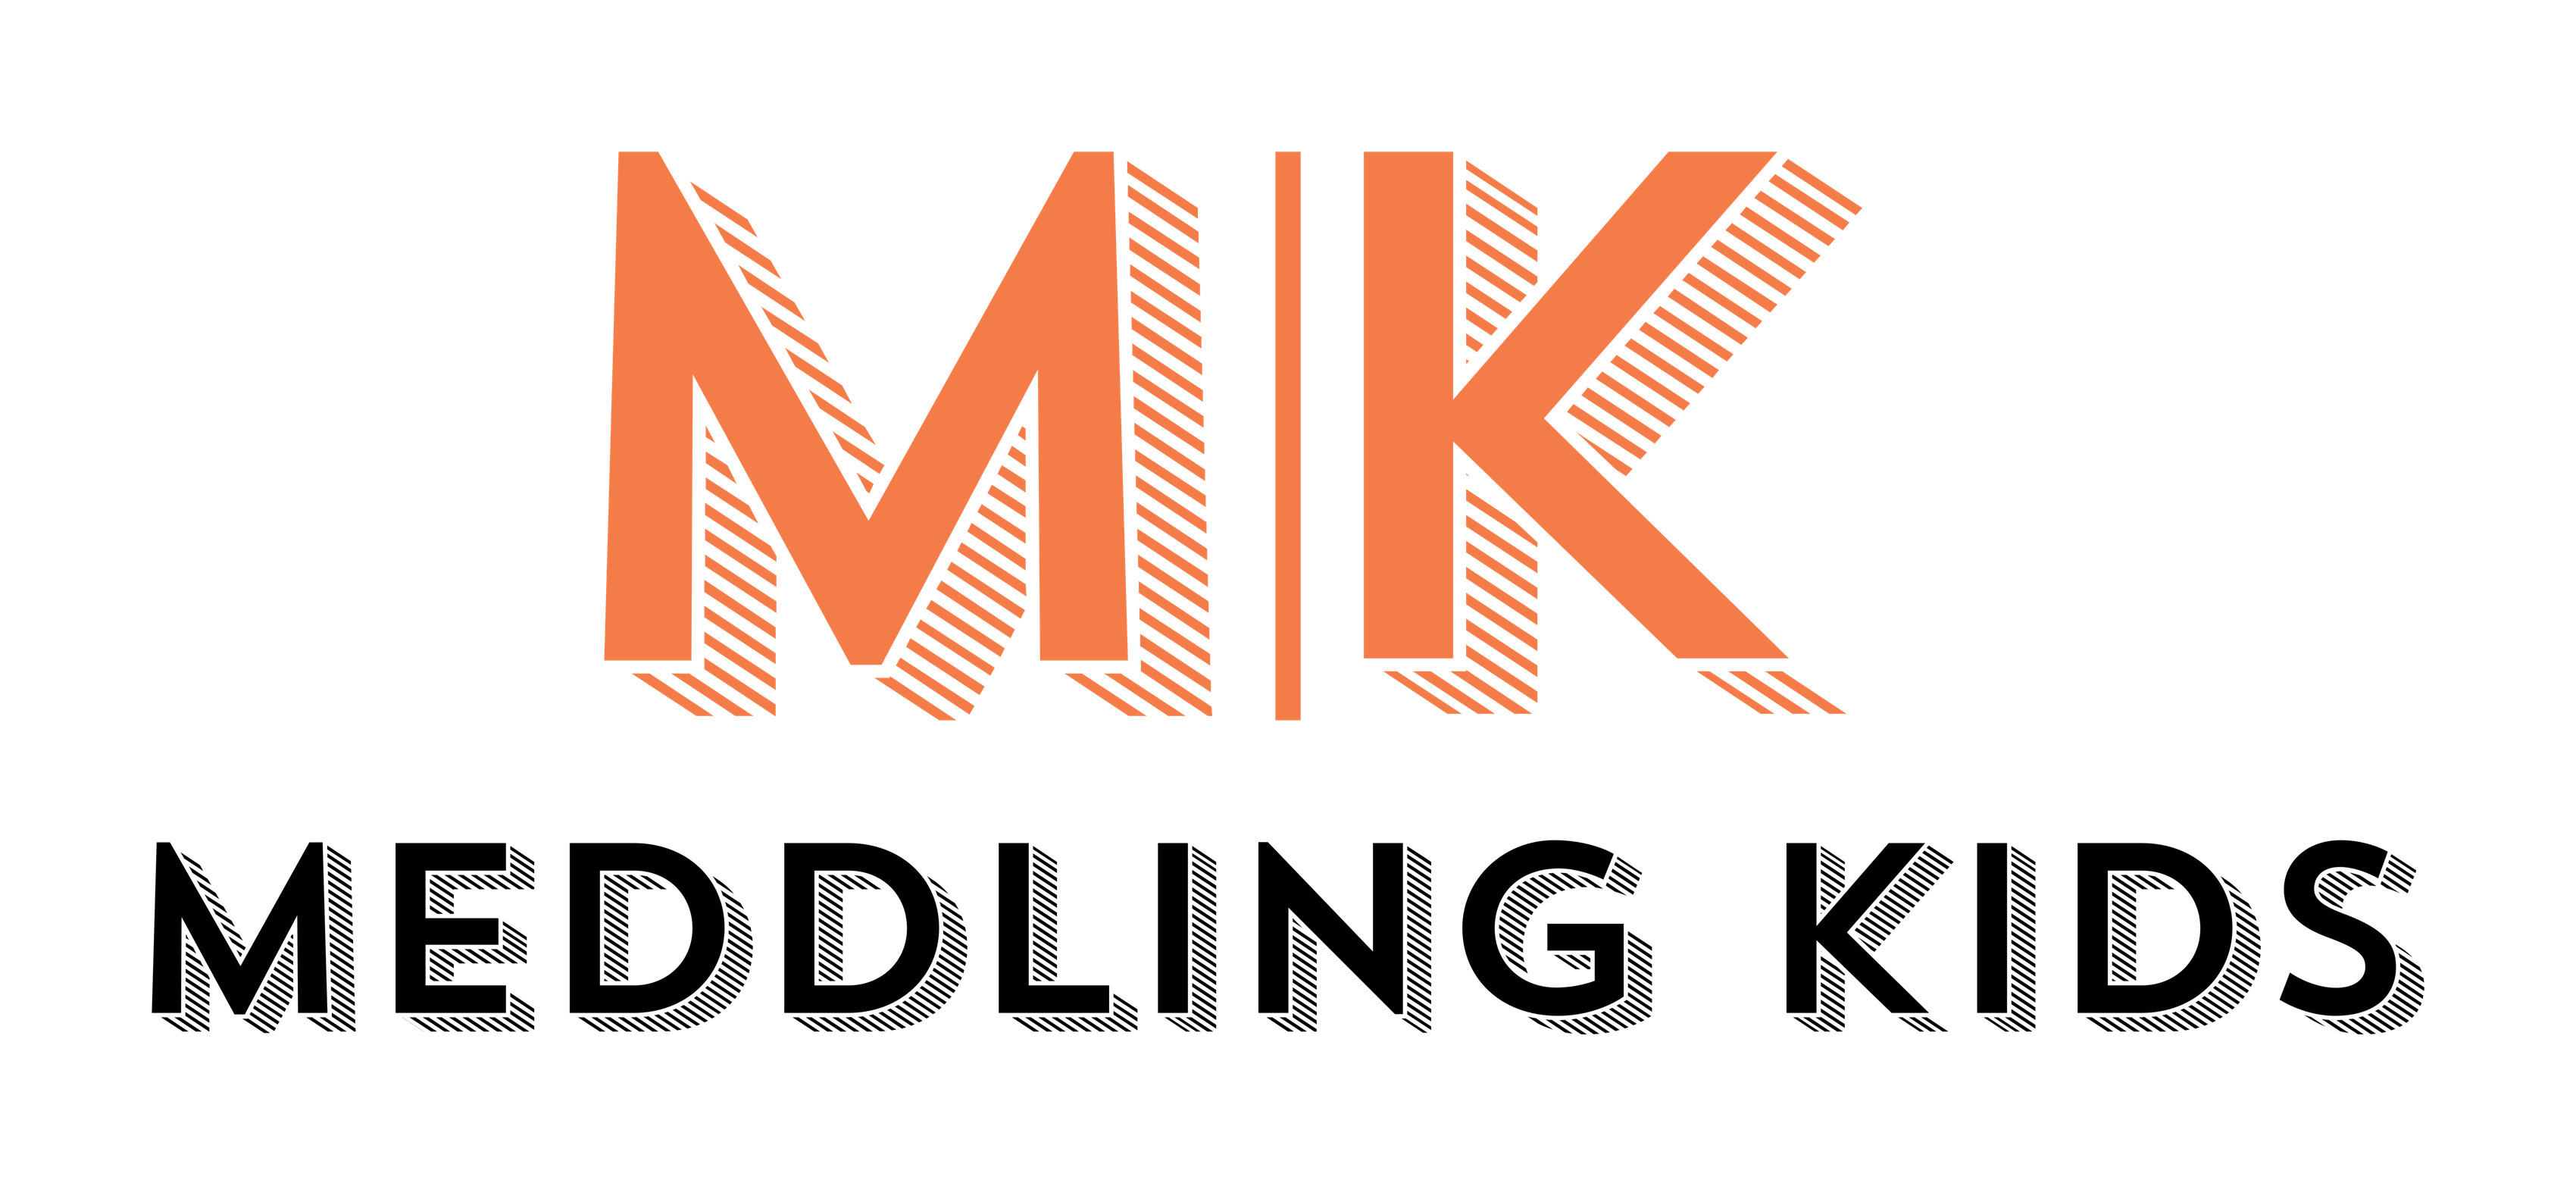 Meddling Kids